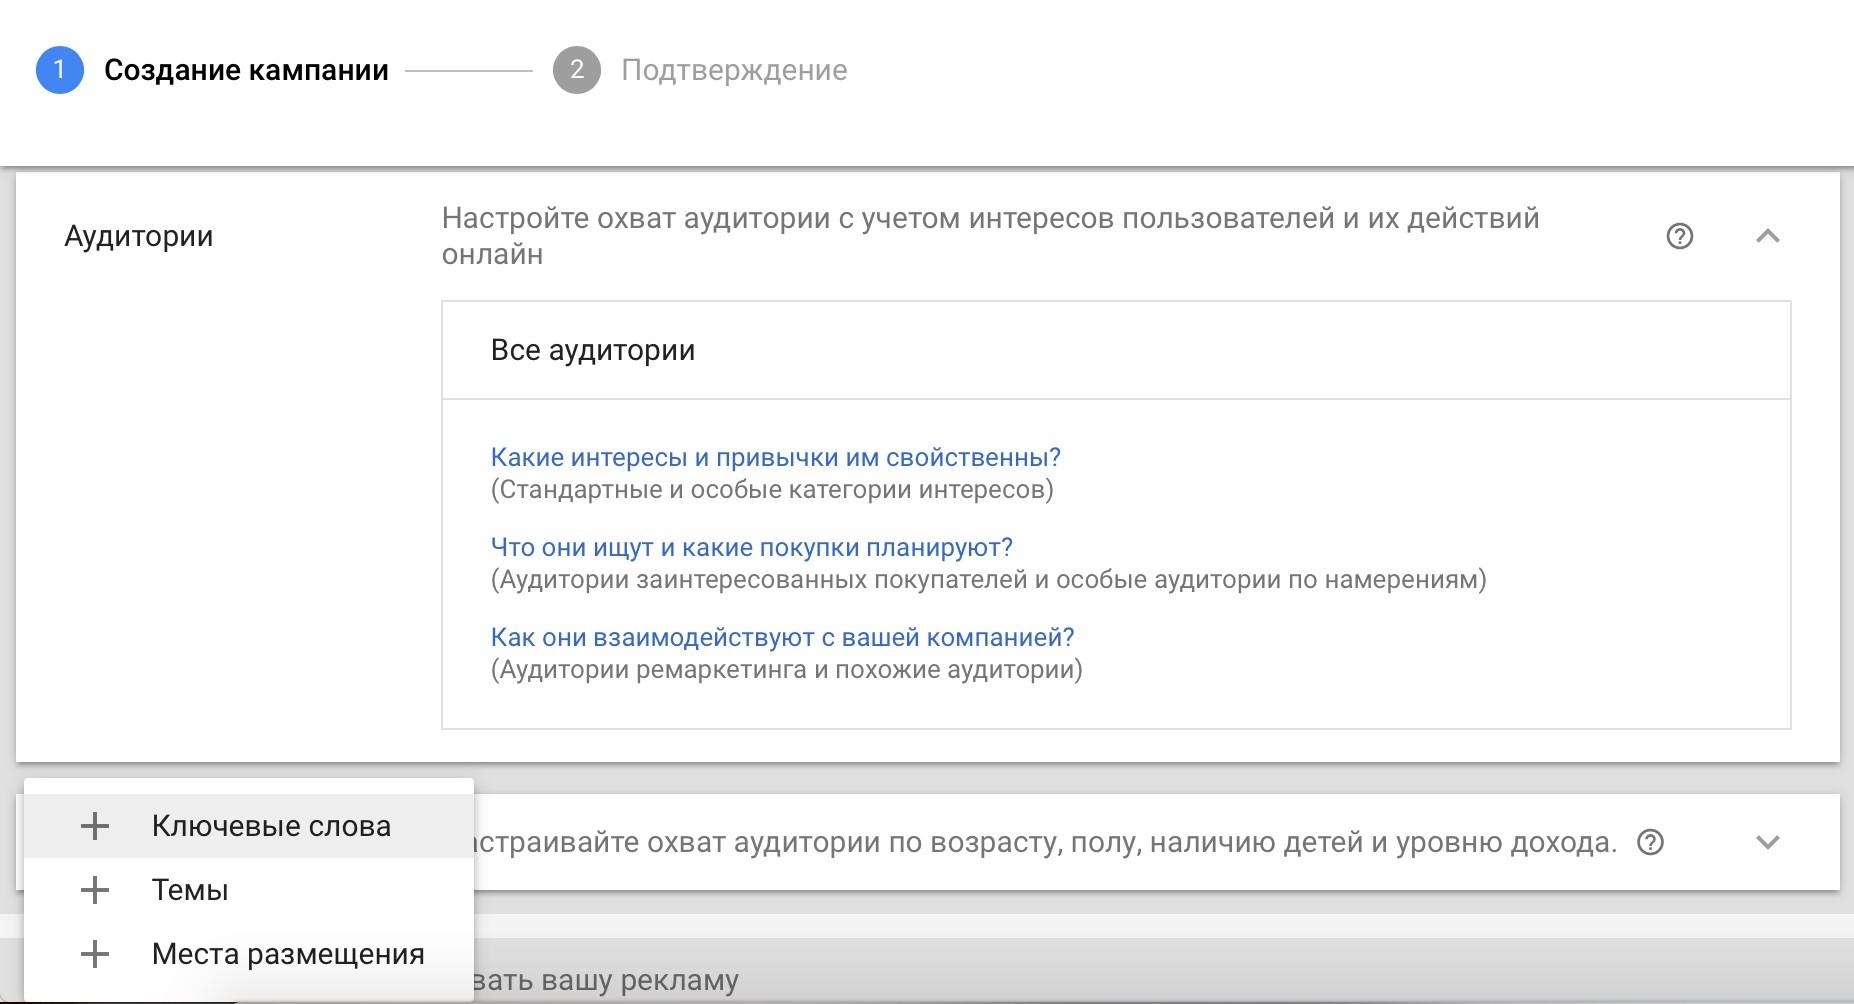 reklama-na-saytah-eroticheskoy-tematiki-video-orgazm-volosatoy-vagini-zhenshini